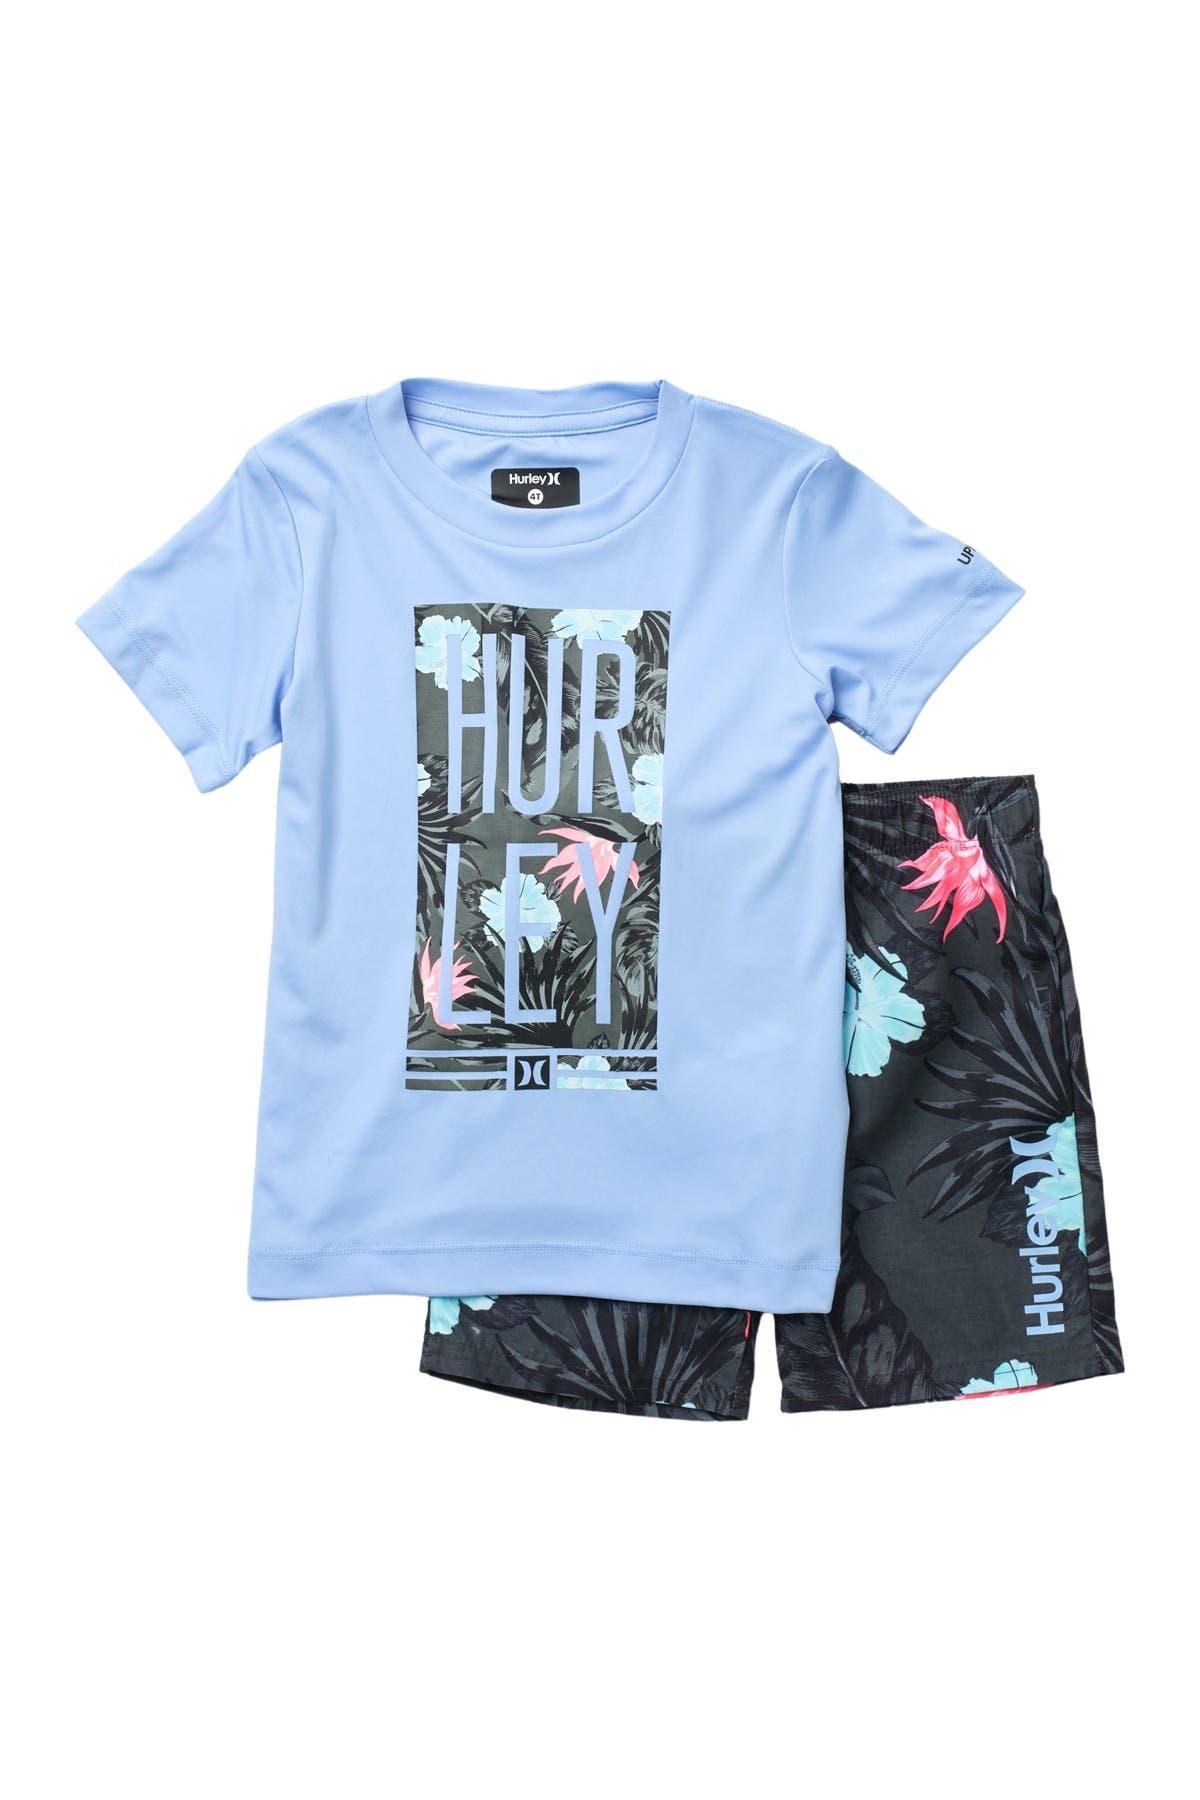 Image of Hurley Military UPF 50+ T-Shirt & Board Shorts Set